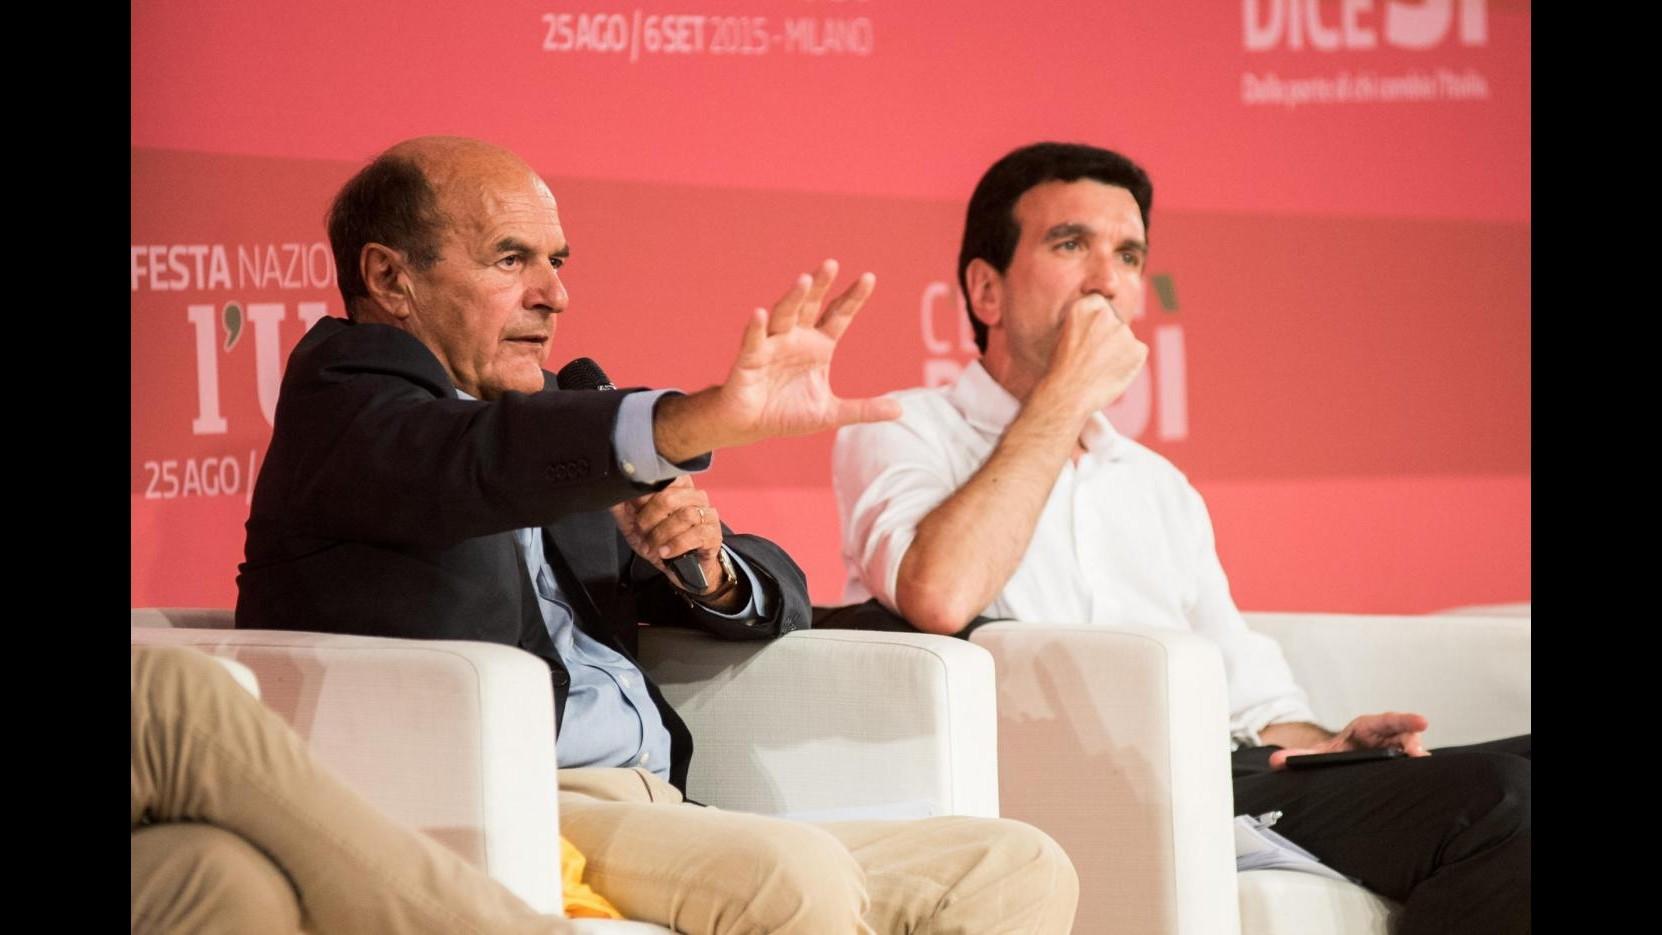 Riforme, Bersani: Bene aperture, agire su articolo 2